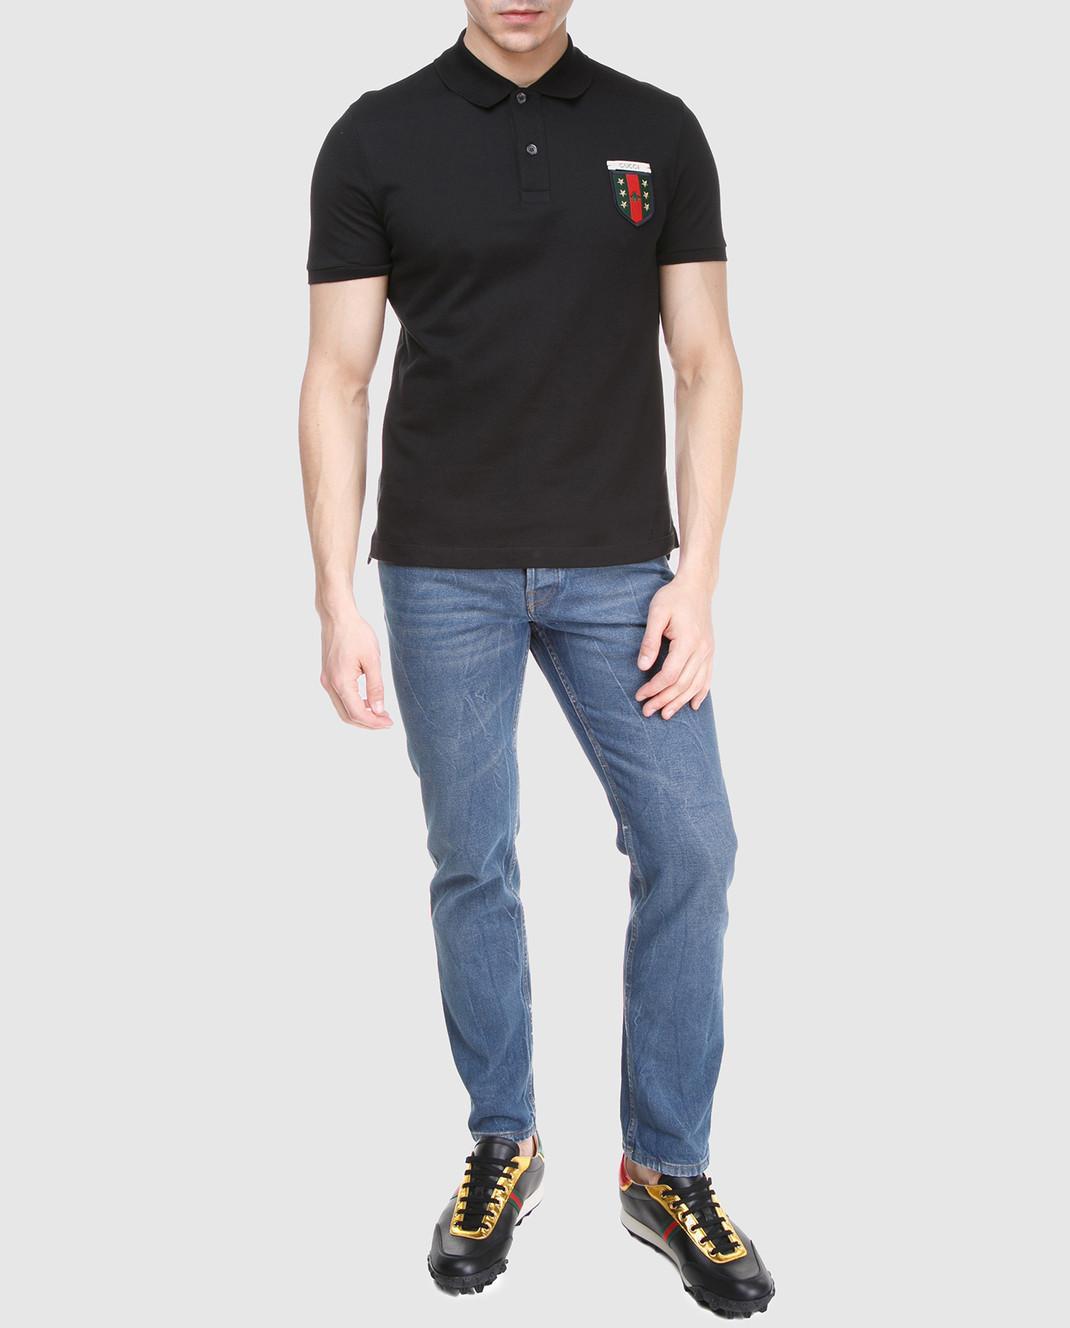 Gucci Синие джинсы 475273 изображение 2